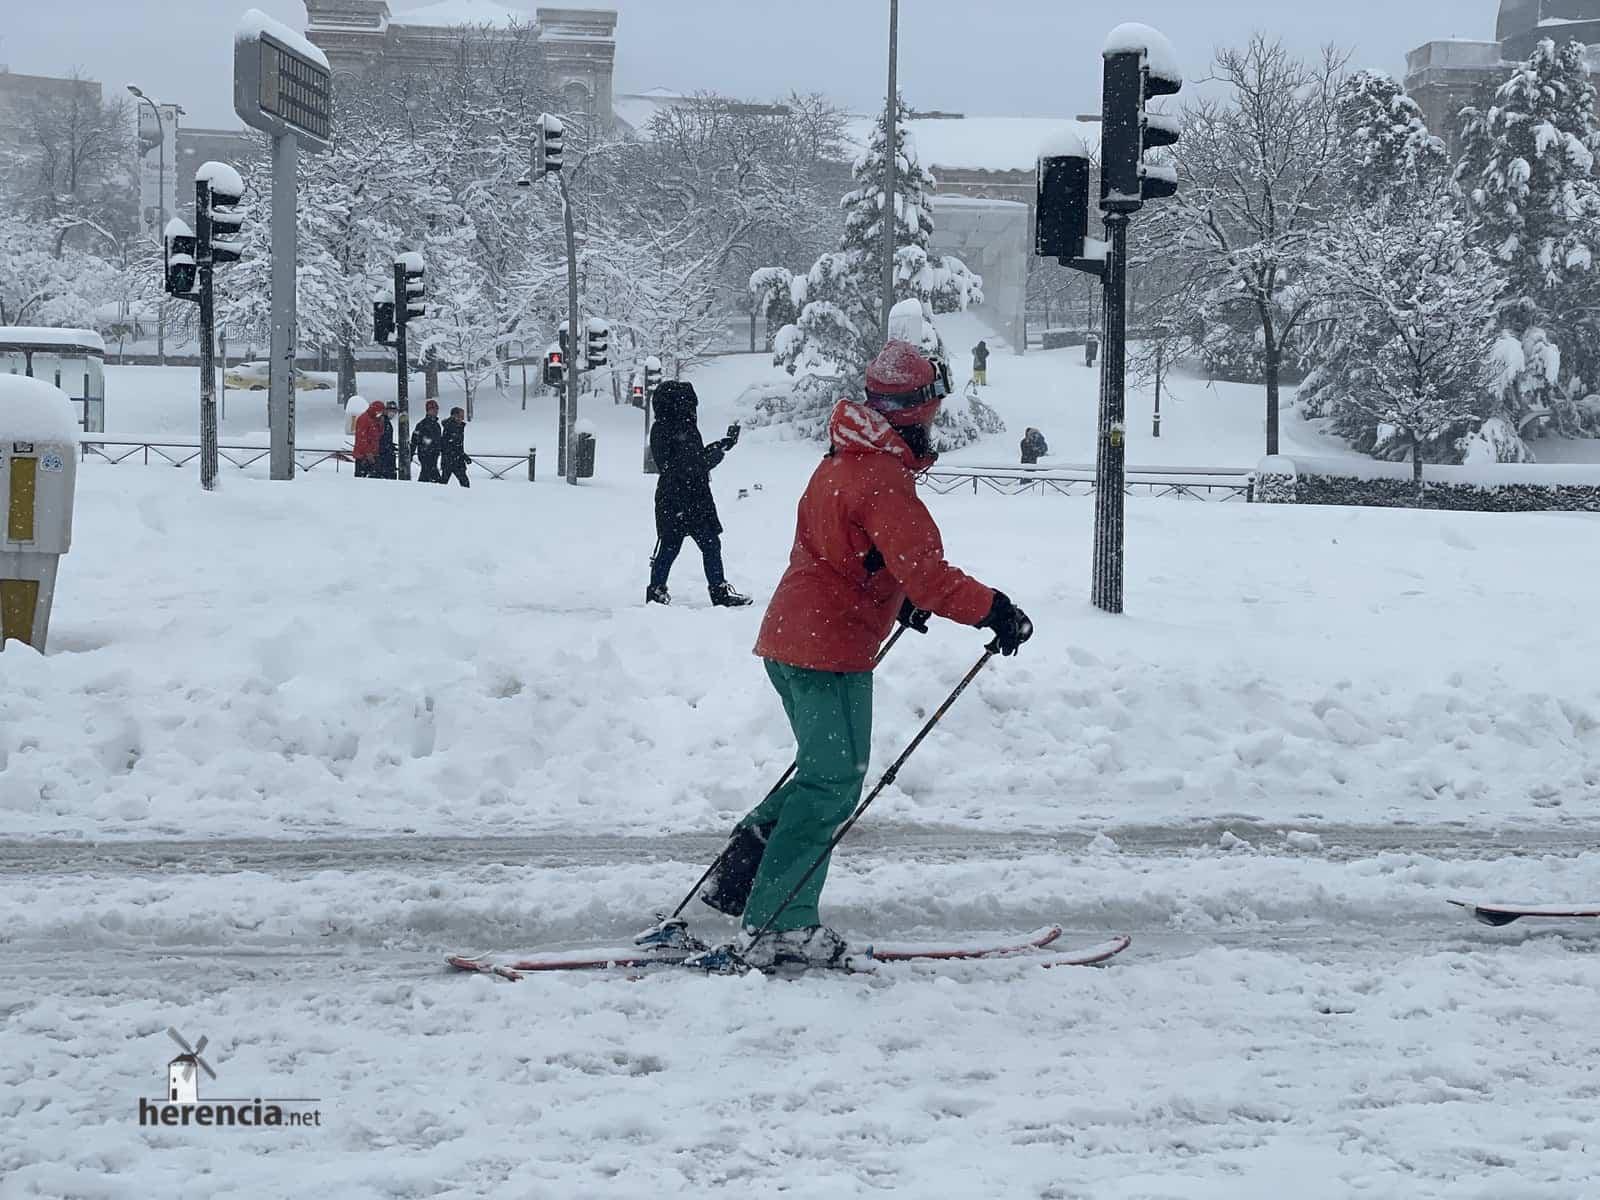 Más fotografías de las nieves de 2021 en Herencia 162